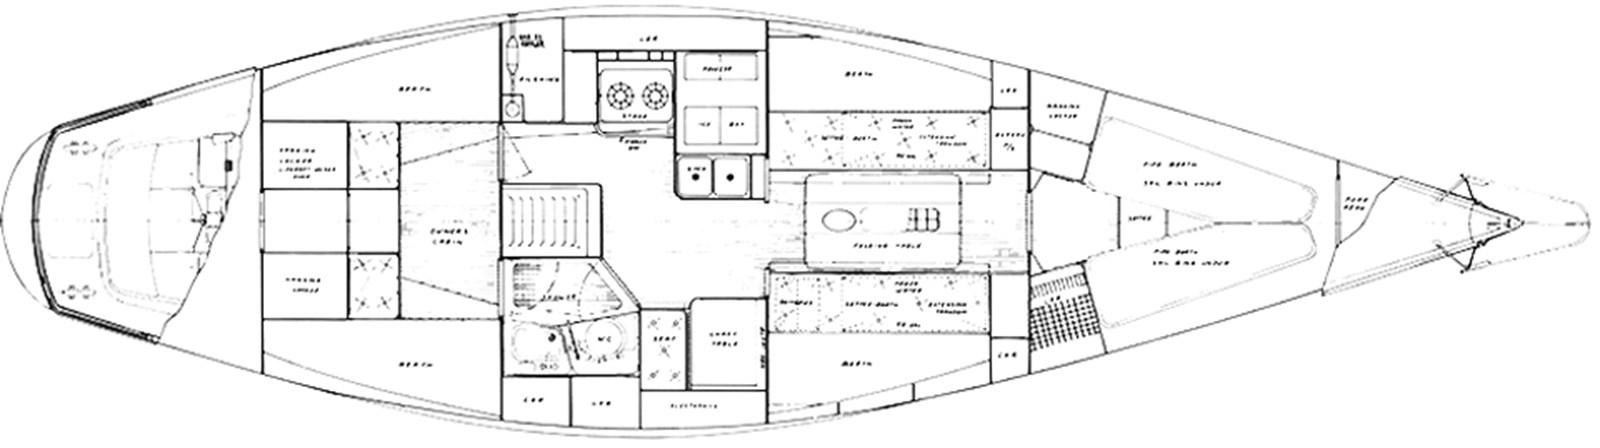 nautor-swan-44-layout-1 1973 NAUTOR'S SWAN Nautor Swan 44 Cruising Sailboat 2709922